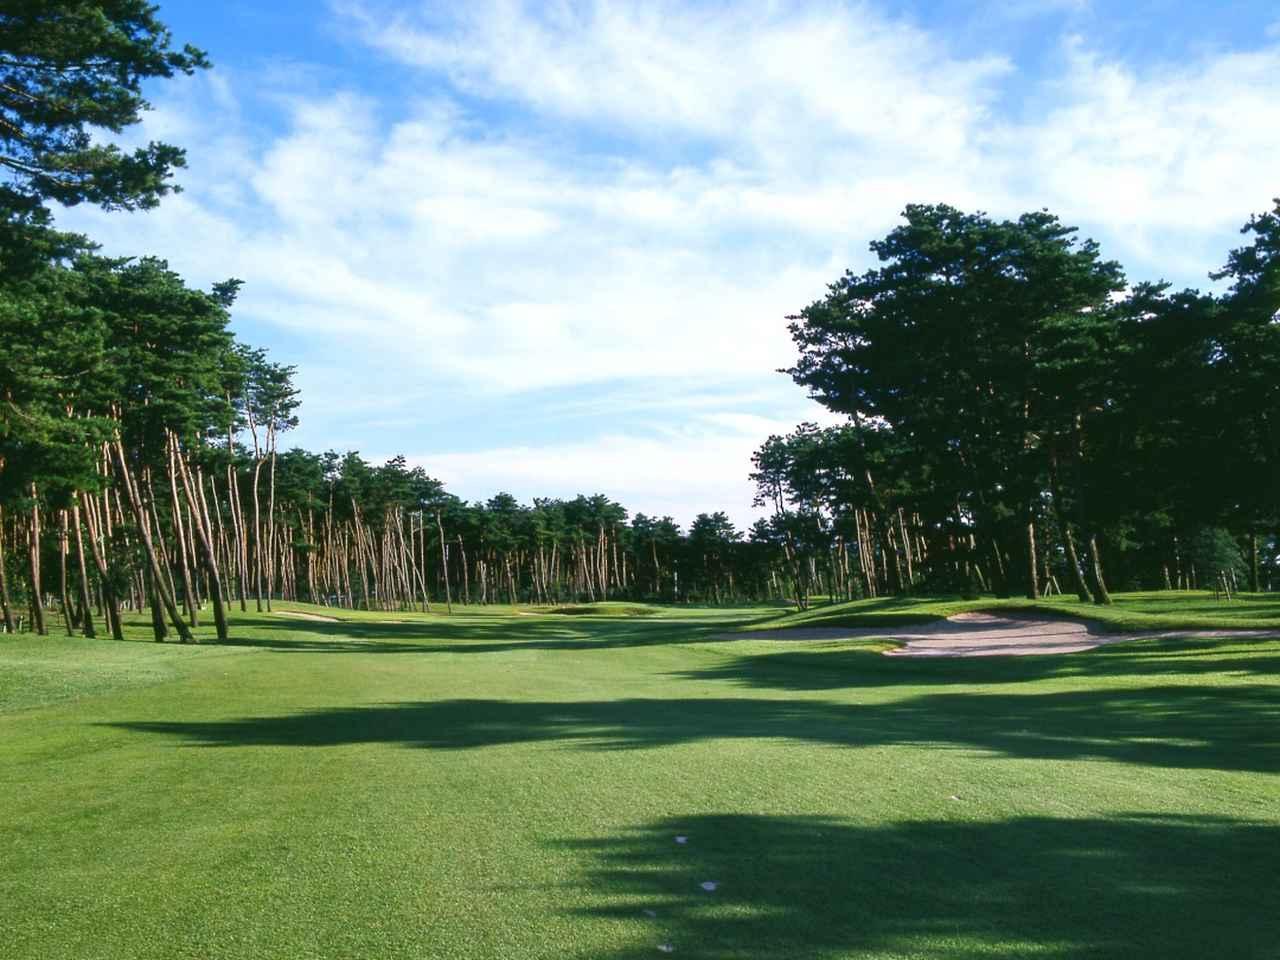 画像1: 紫雲ゴルフ倶楽部